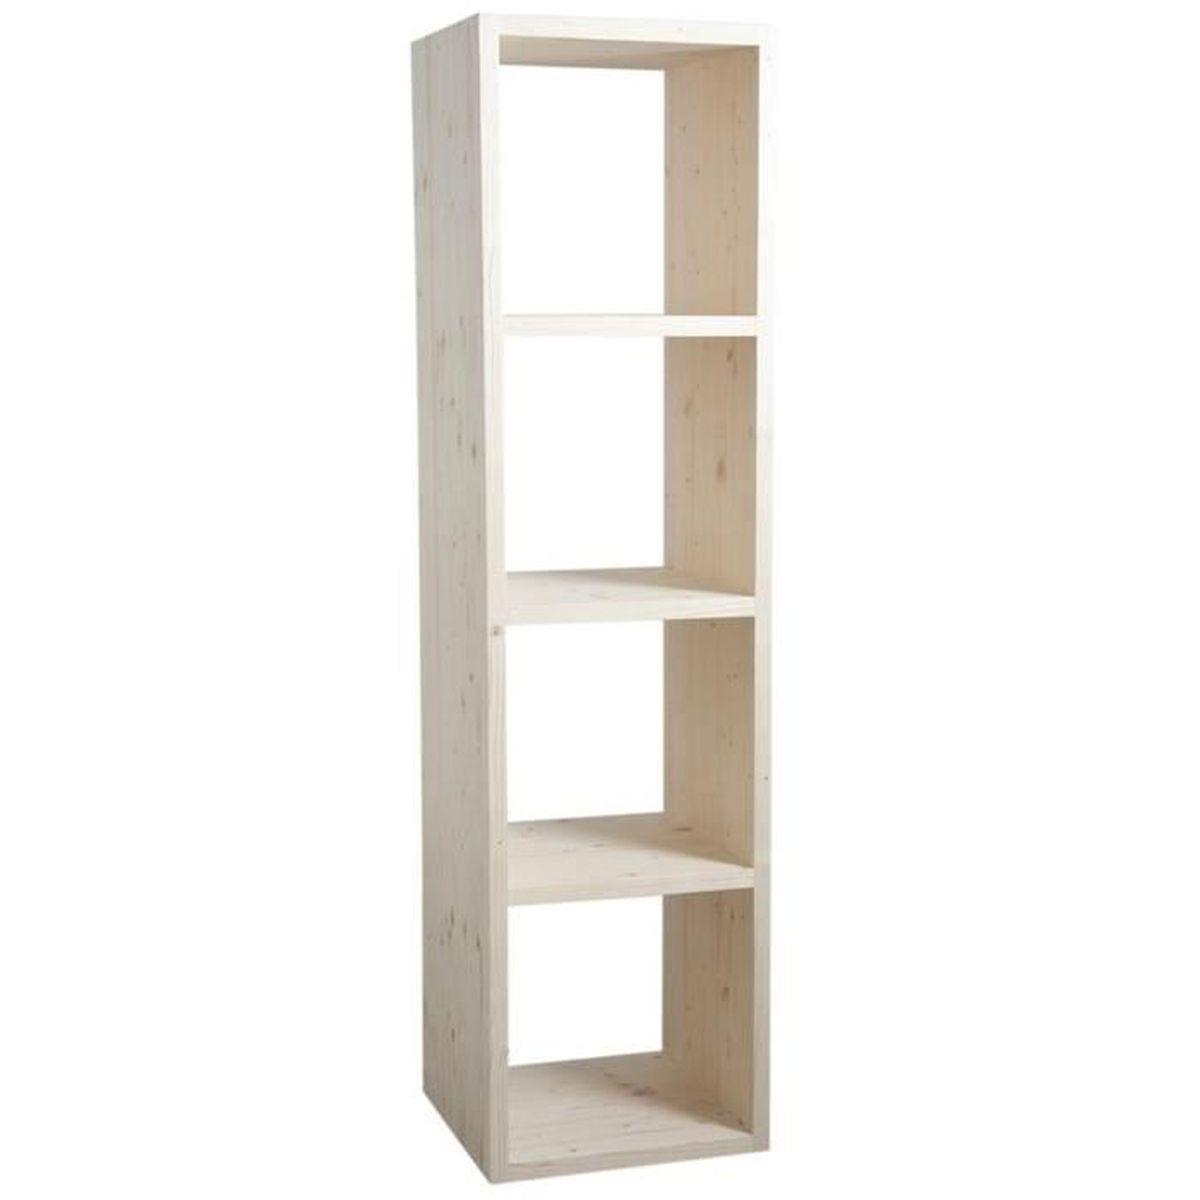 etag re 4 niches en pic a naturel dim 41 x 40 x 166 cm achat vente biblioth que etag re. Black Bedroom Furniture Sets. Home Design Ideas